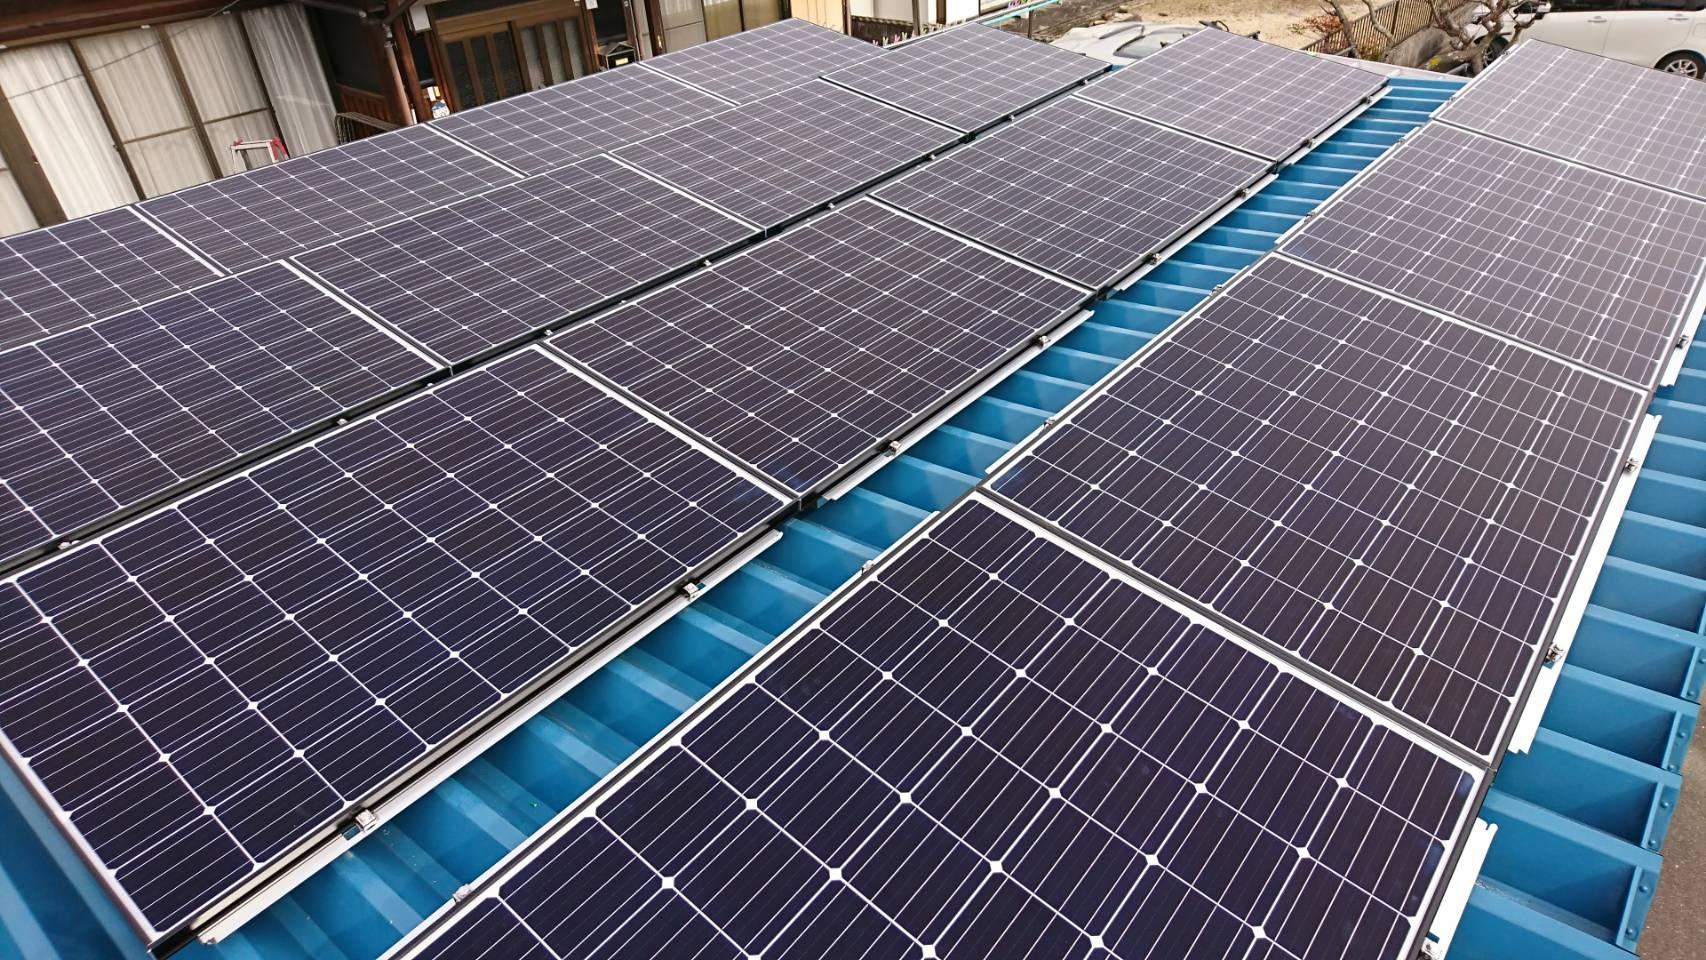 三重県長州産業太陽光発電CS-274B61施工後の写真